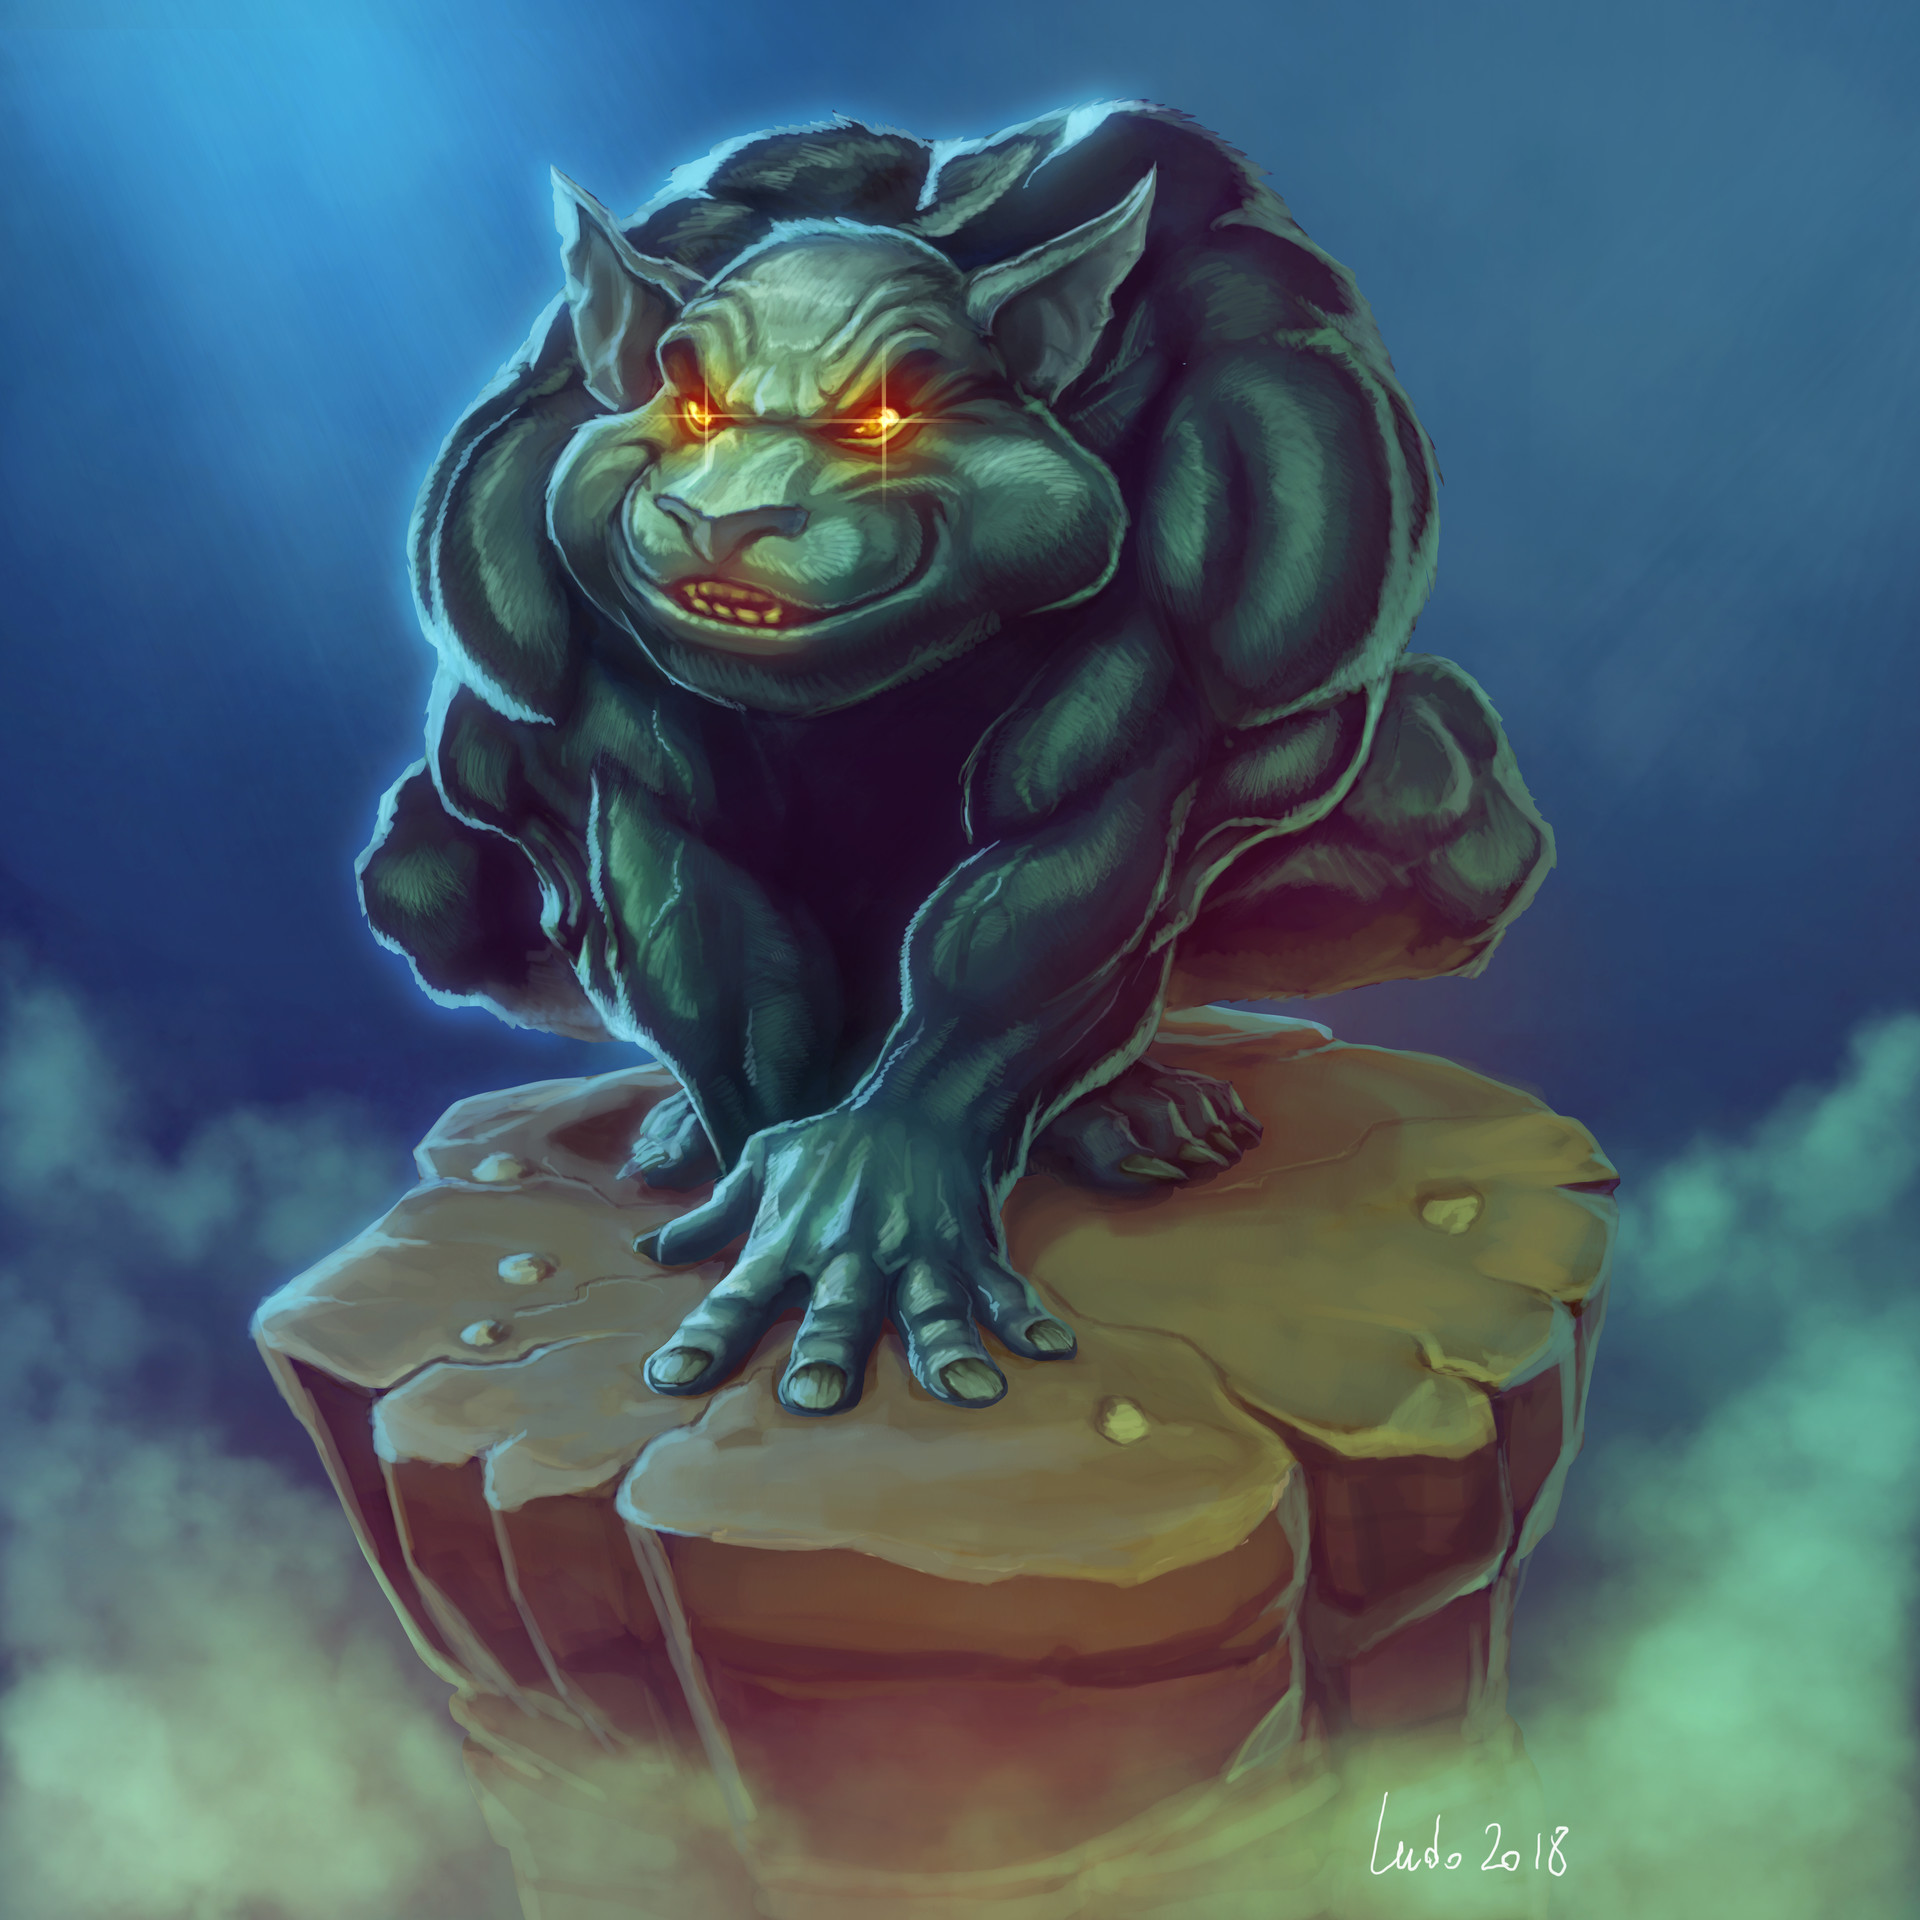 Ludovic rivalland cat